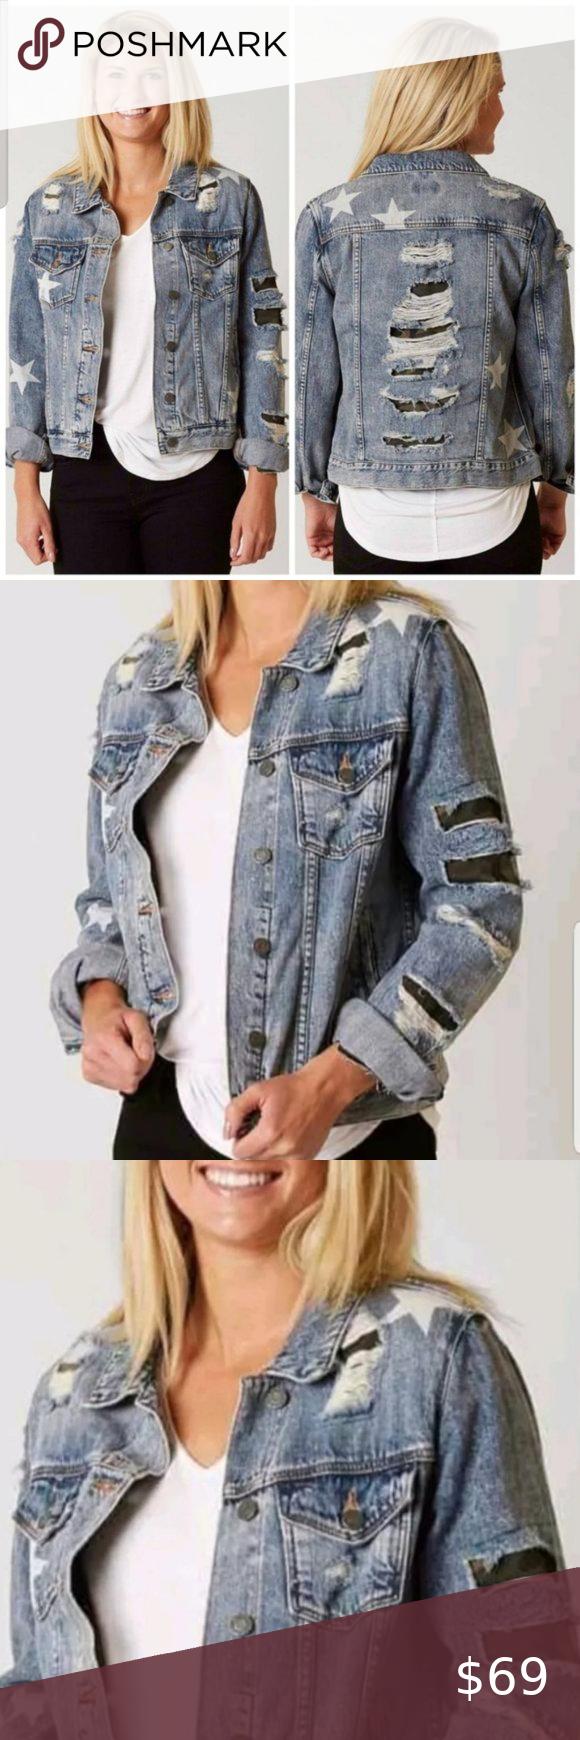 Miss Me Stars Camo Distressed Jean Jacket Military Distressed Jean Jacket Distressed Jeans Jean Jacket [ 1740 x 580 Pixel ]